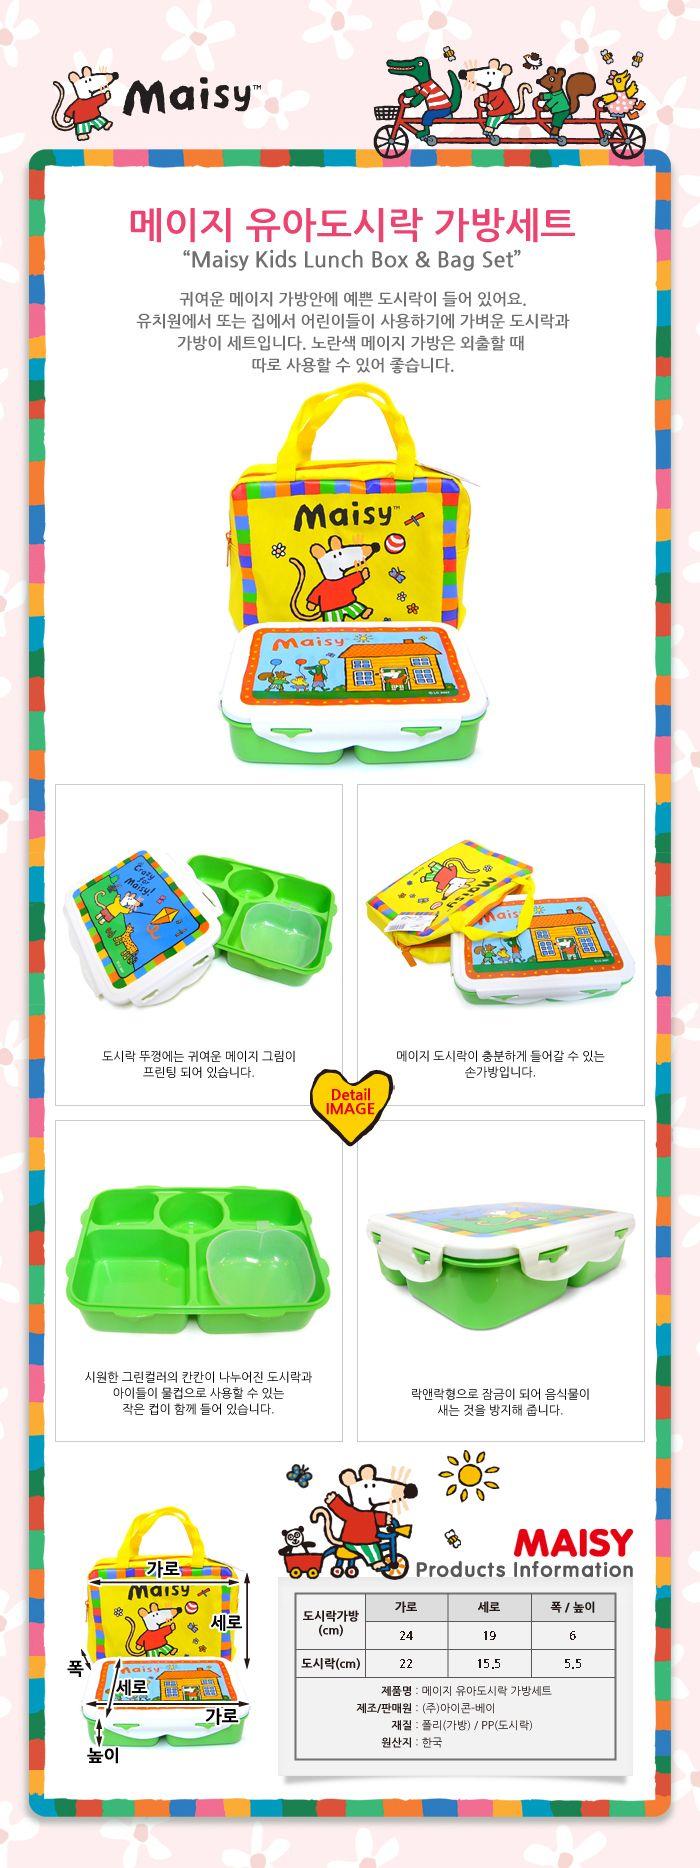 Maisy Kids Lunch Box Set